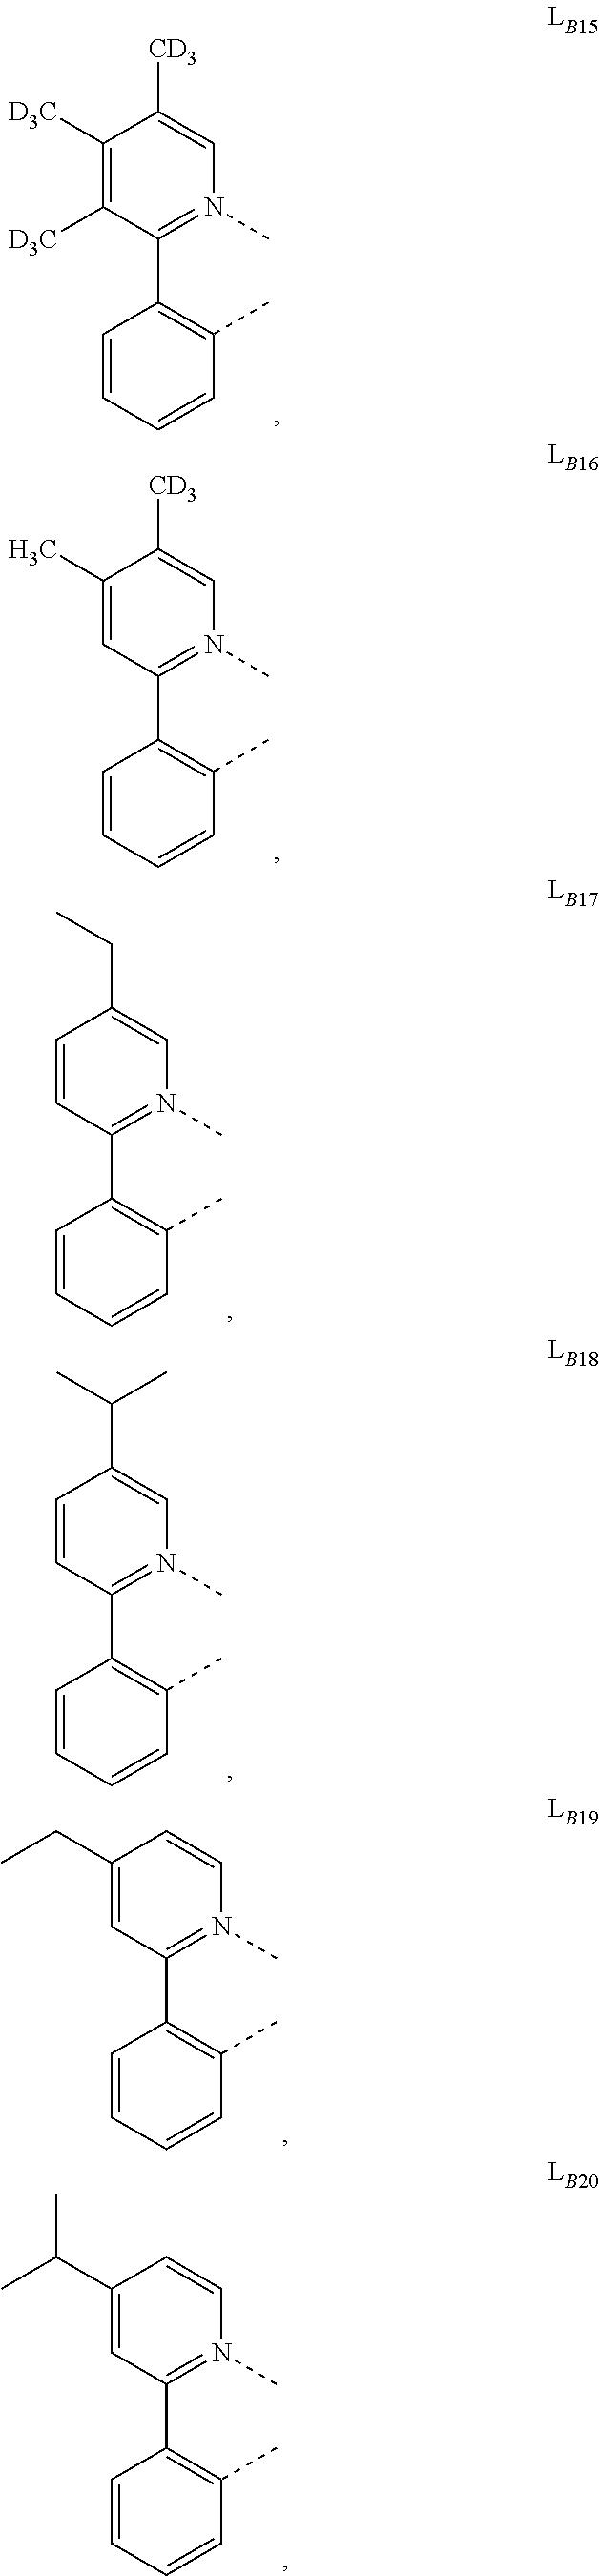 Figure US20160049599A1-20160218-C00117